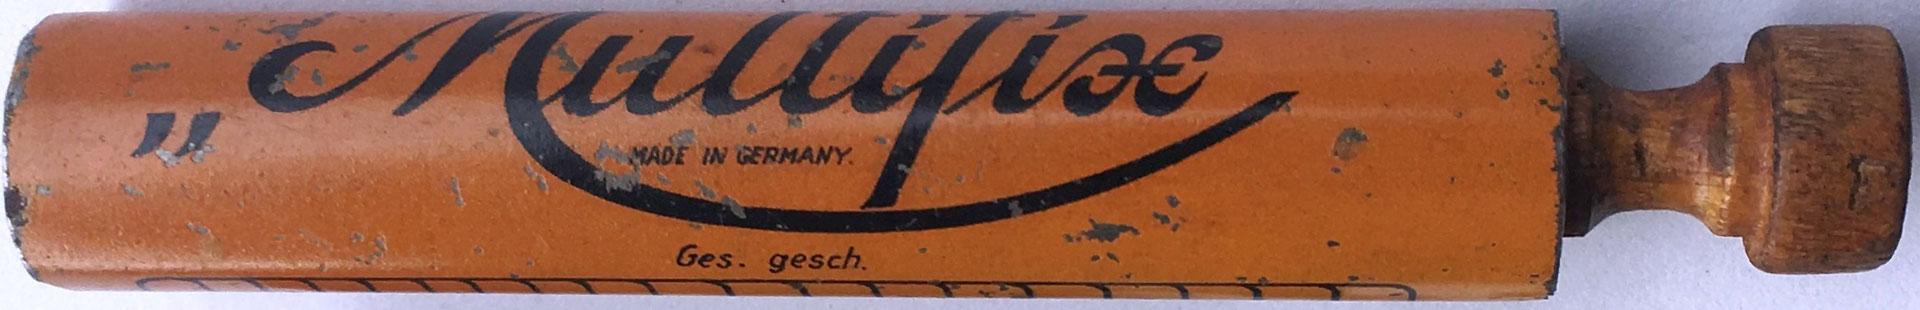 """Capacidad de productos hasta 10x20. Ges. gesch. (gesetzlich geschützt), """"protegido por ley"""""""